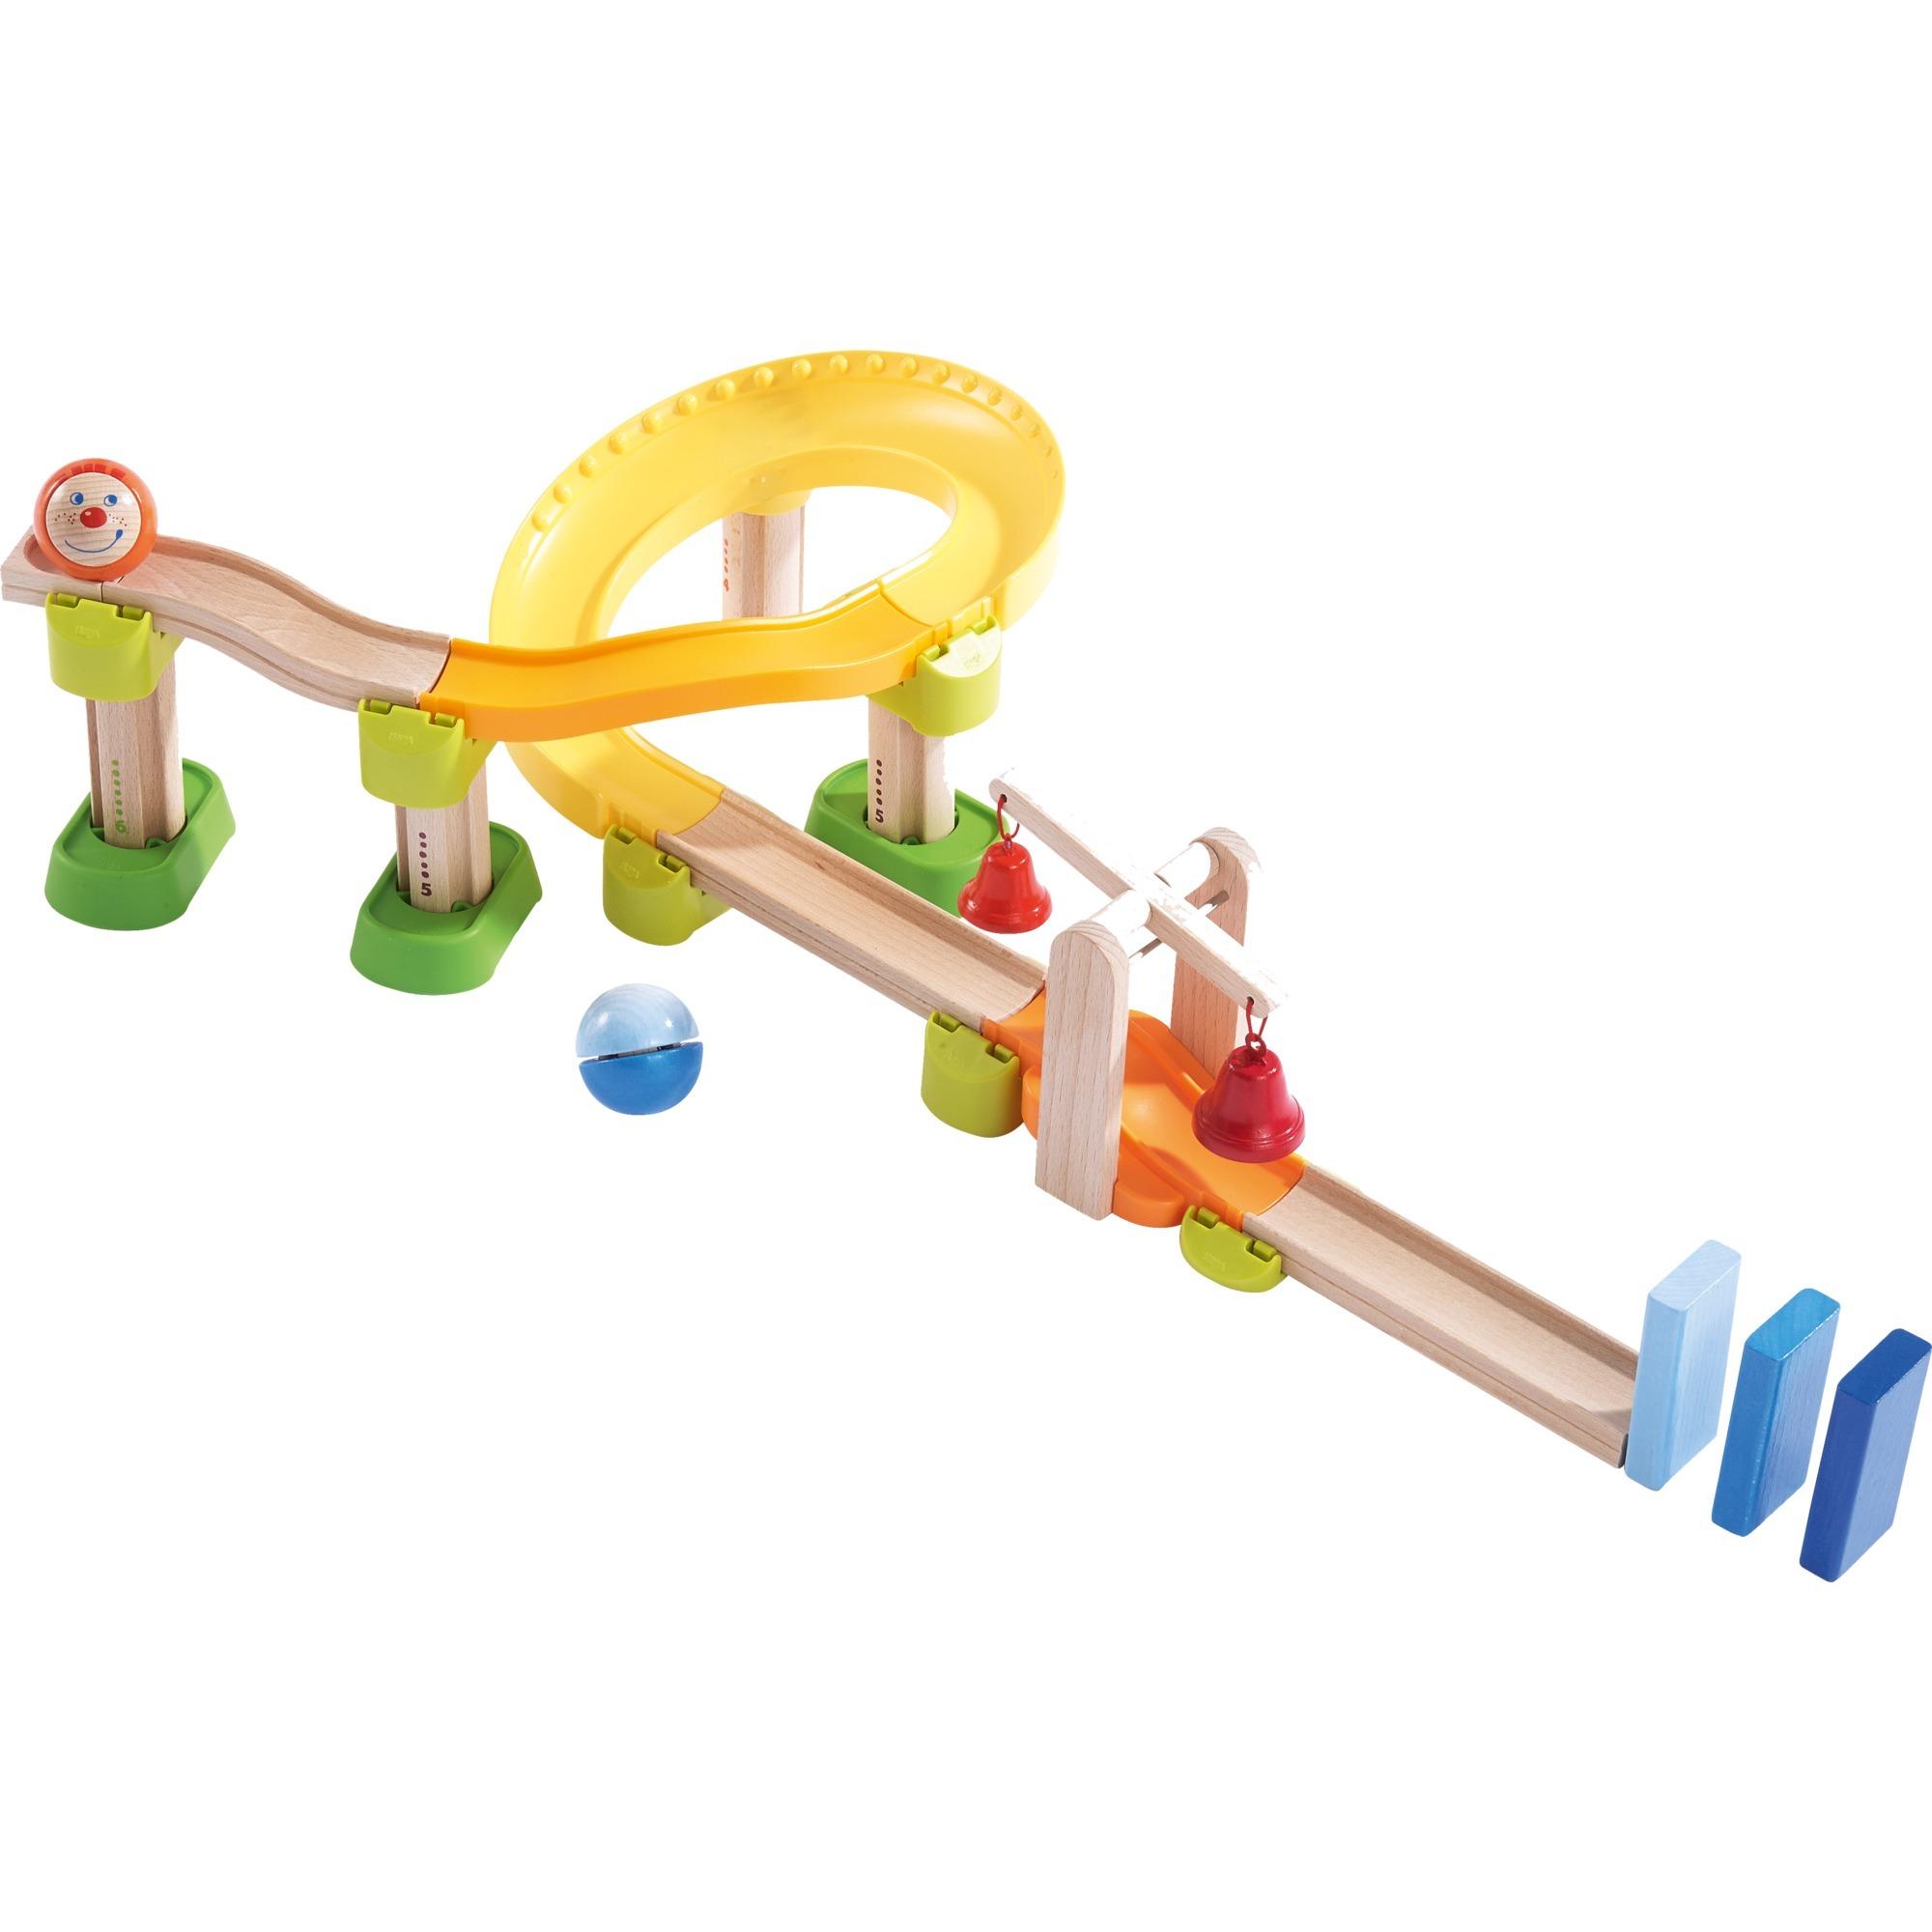 302060 De plástico pista para vehículos de juguete, Ferrocarril